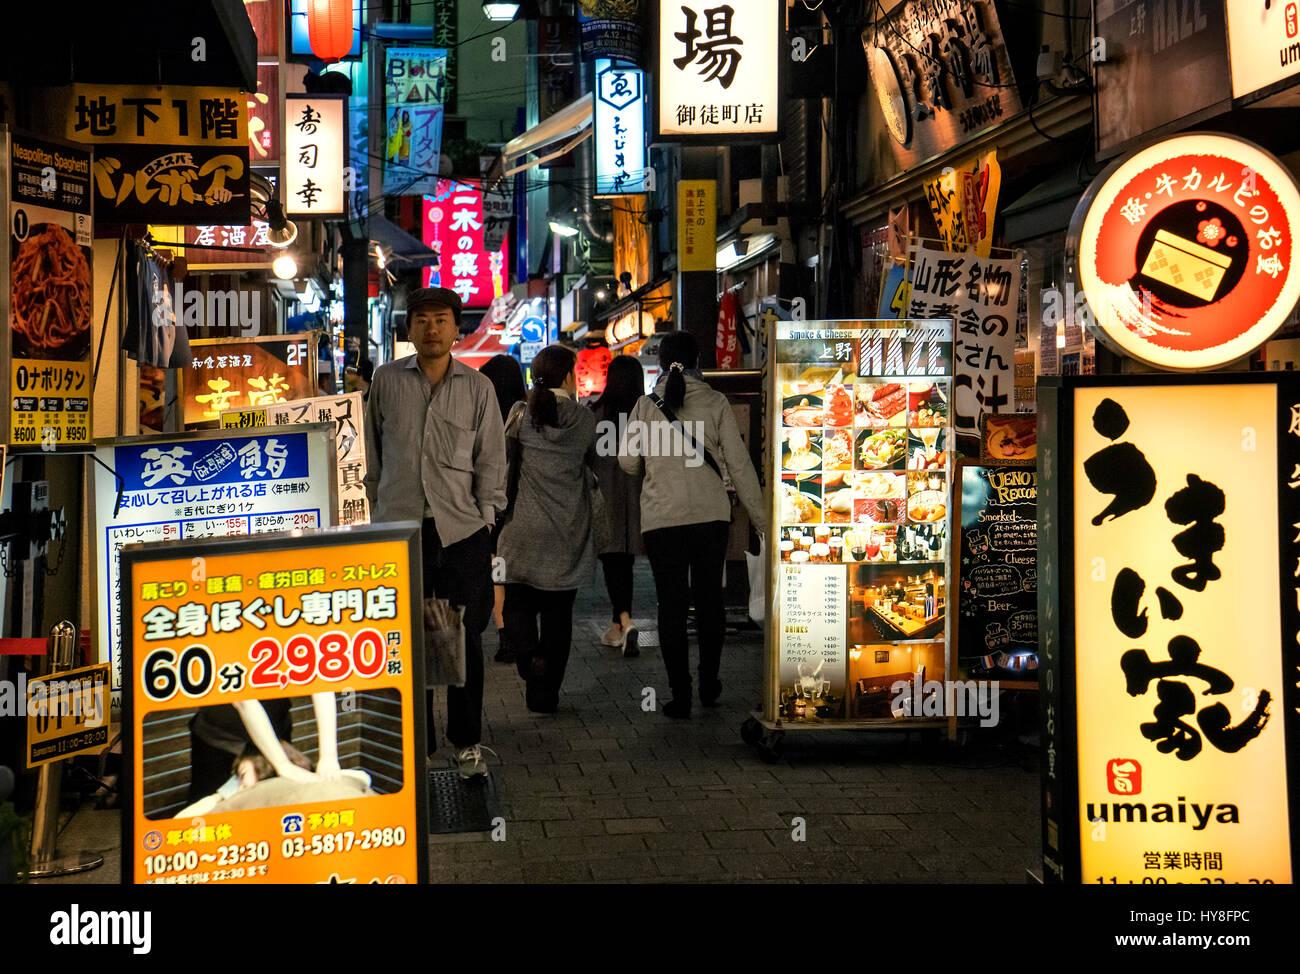 L'île de Honshu, Japon, Tokyo, Kanto, par les rues d'Ueno par nuit. Photo Stock